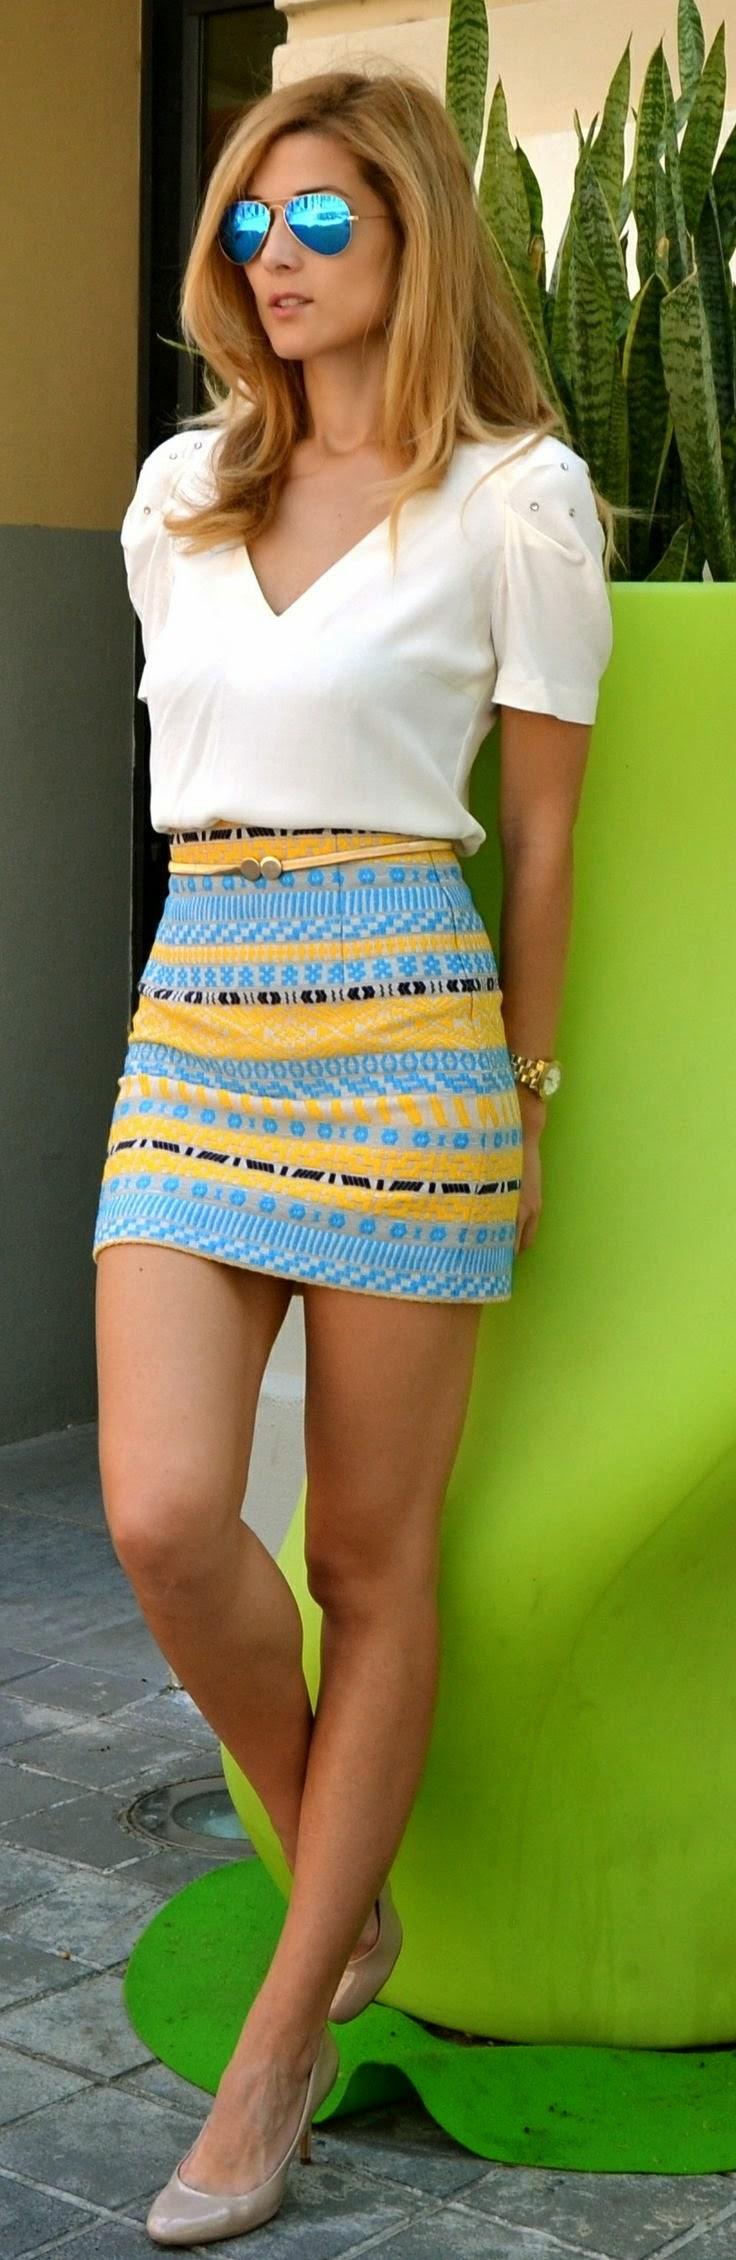 9e7b0a55dffc modern summer outfits 2015 trends